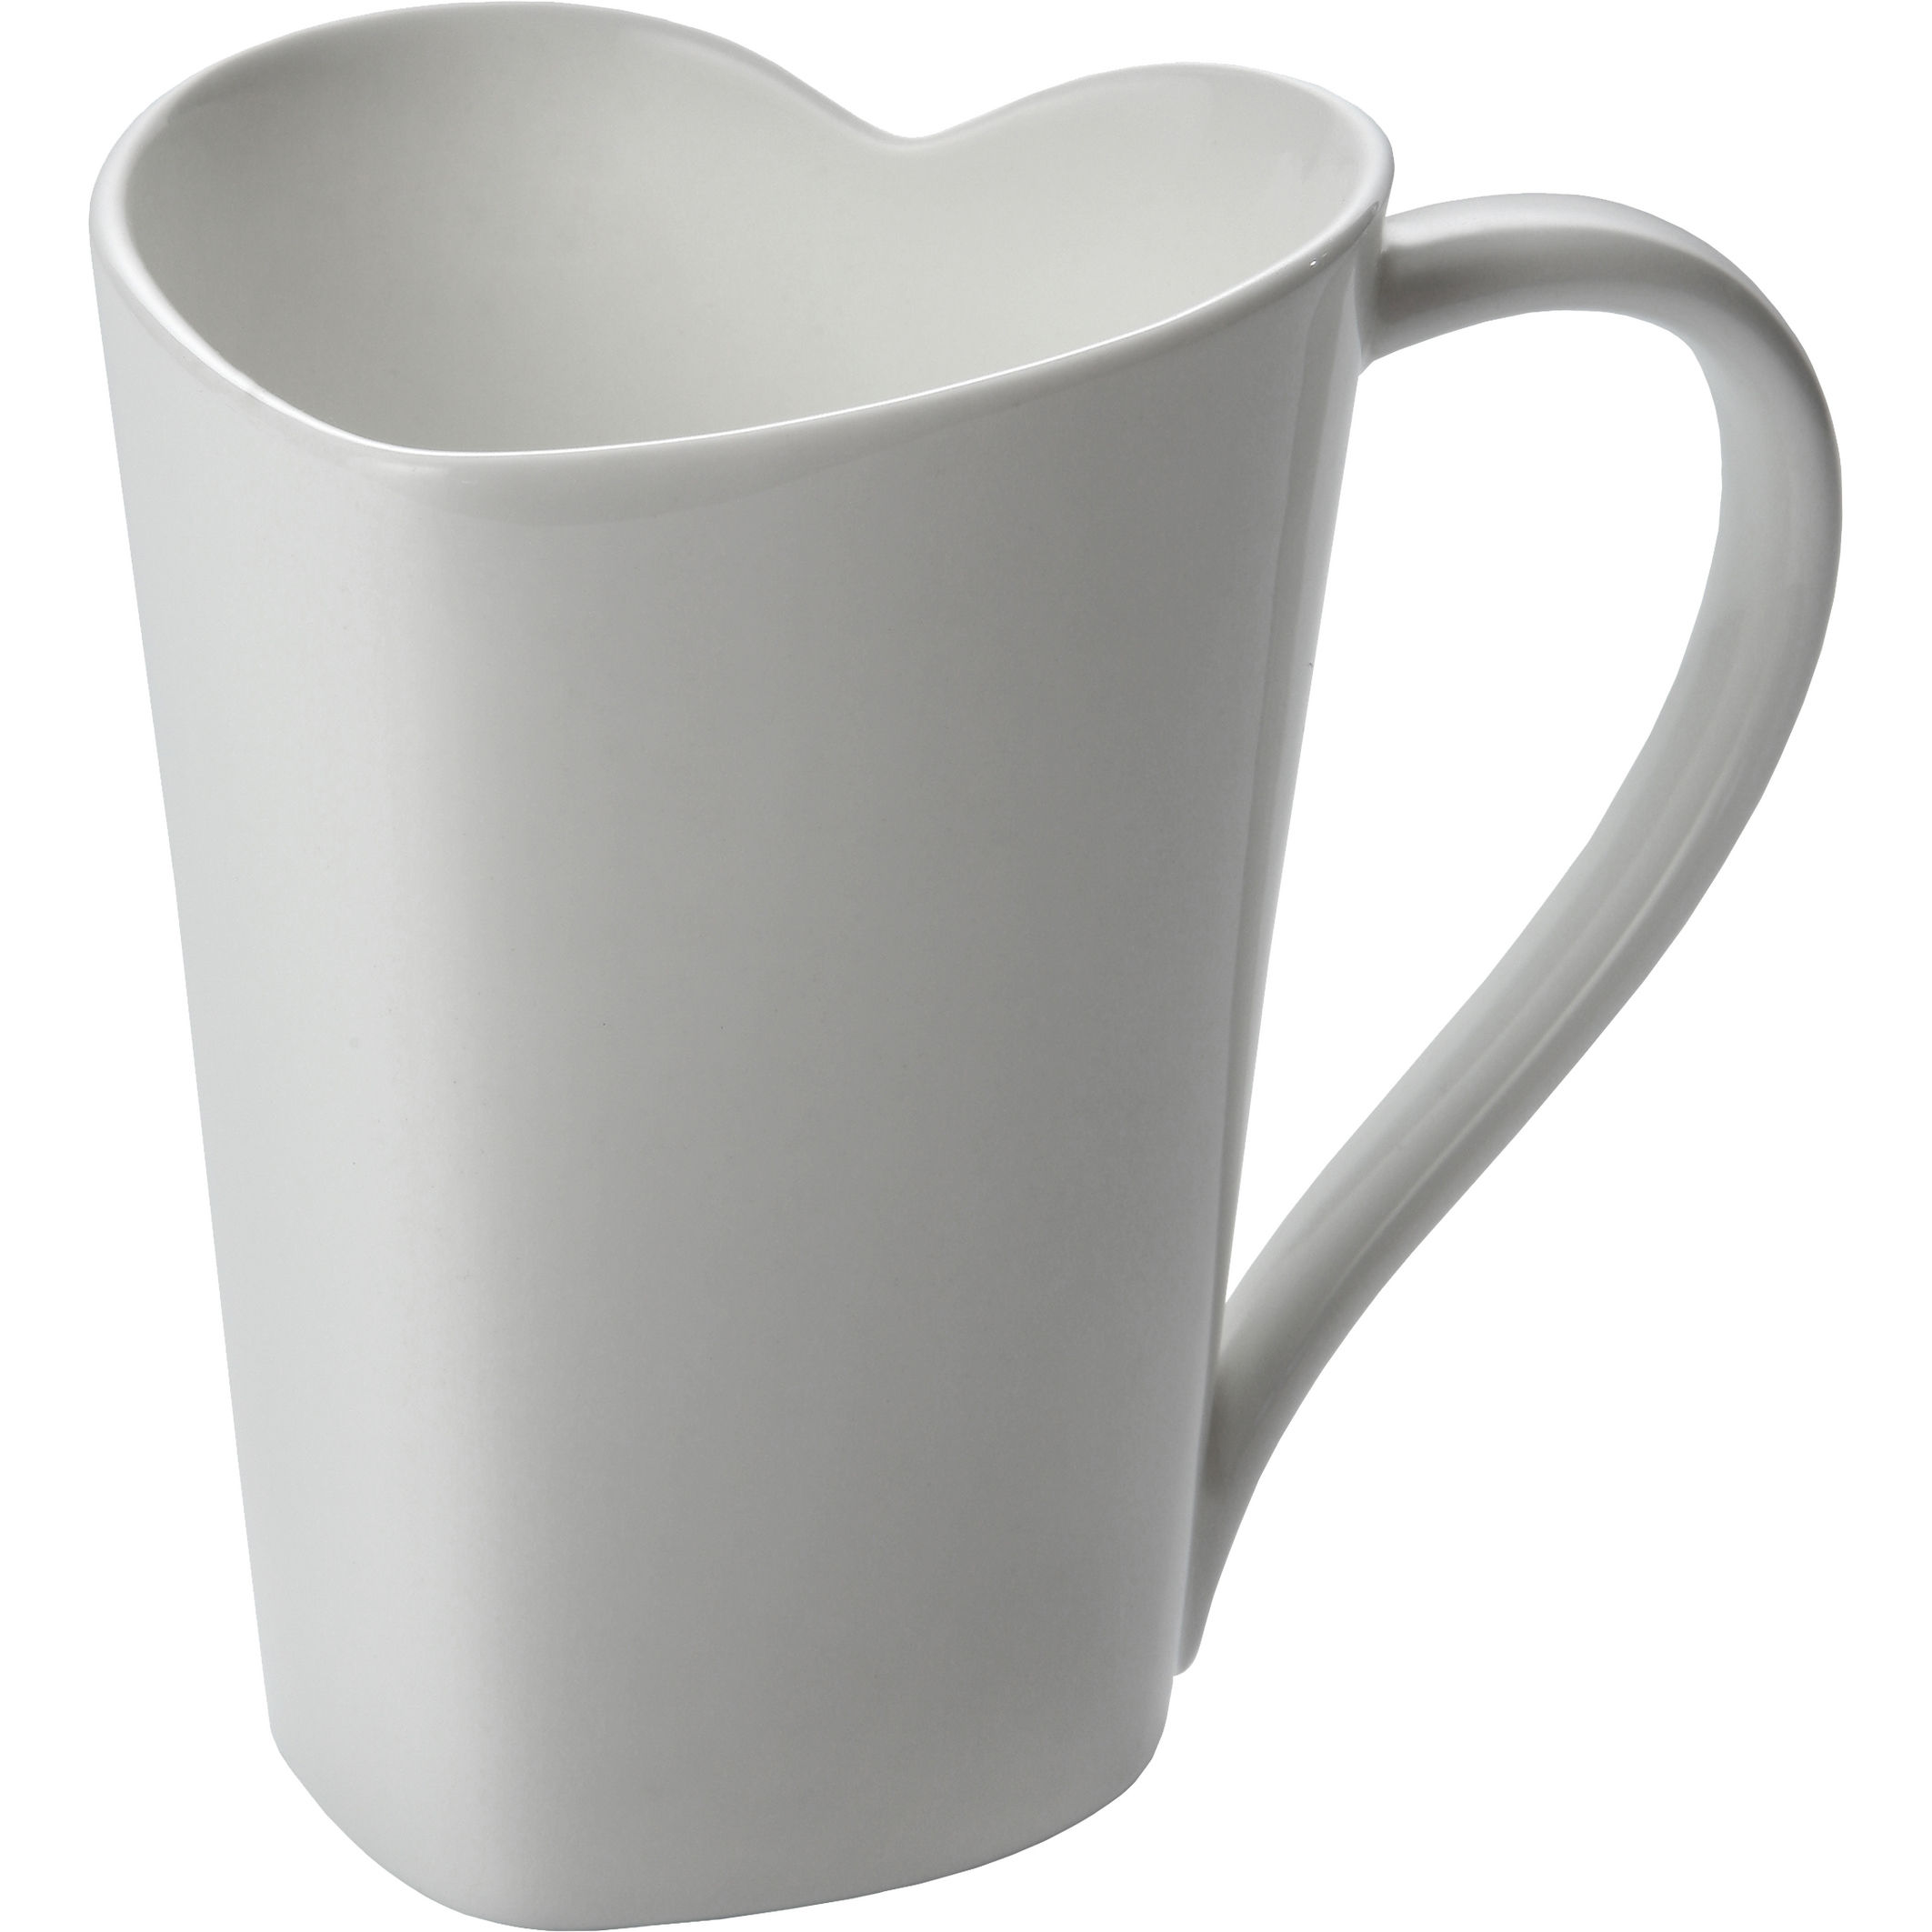 Tischkultur - Tassen und Becher - To Becher - Alessi - Weiß - Keramik